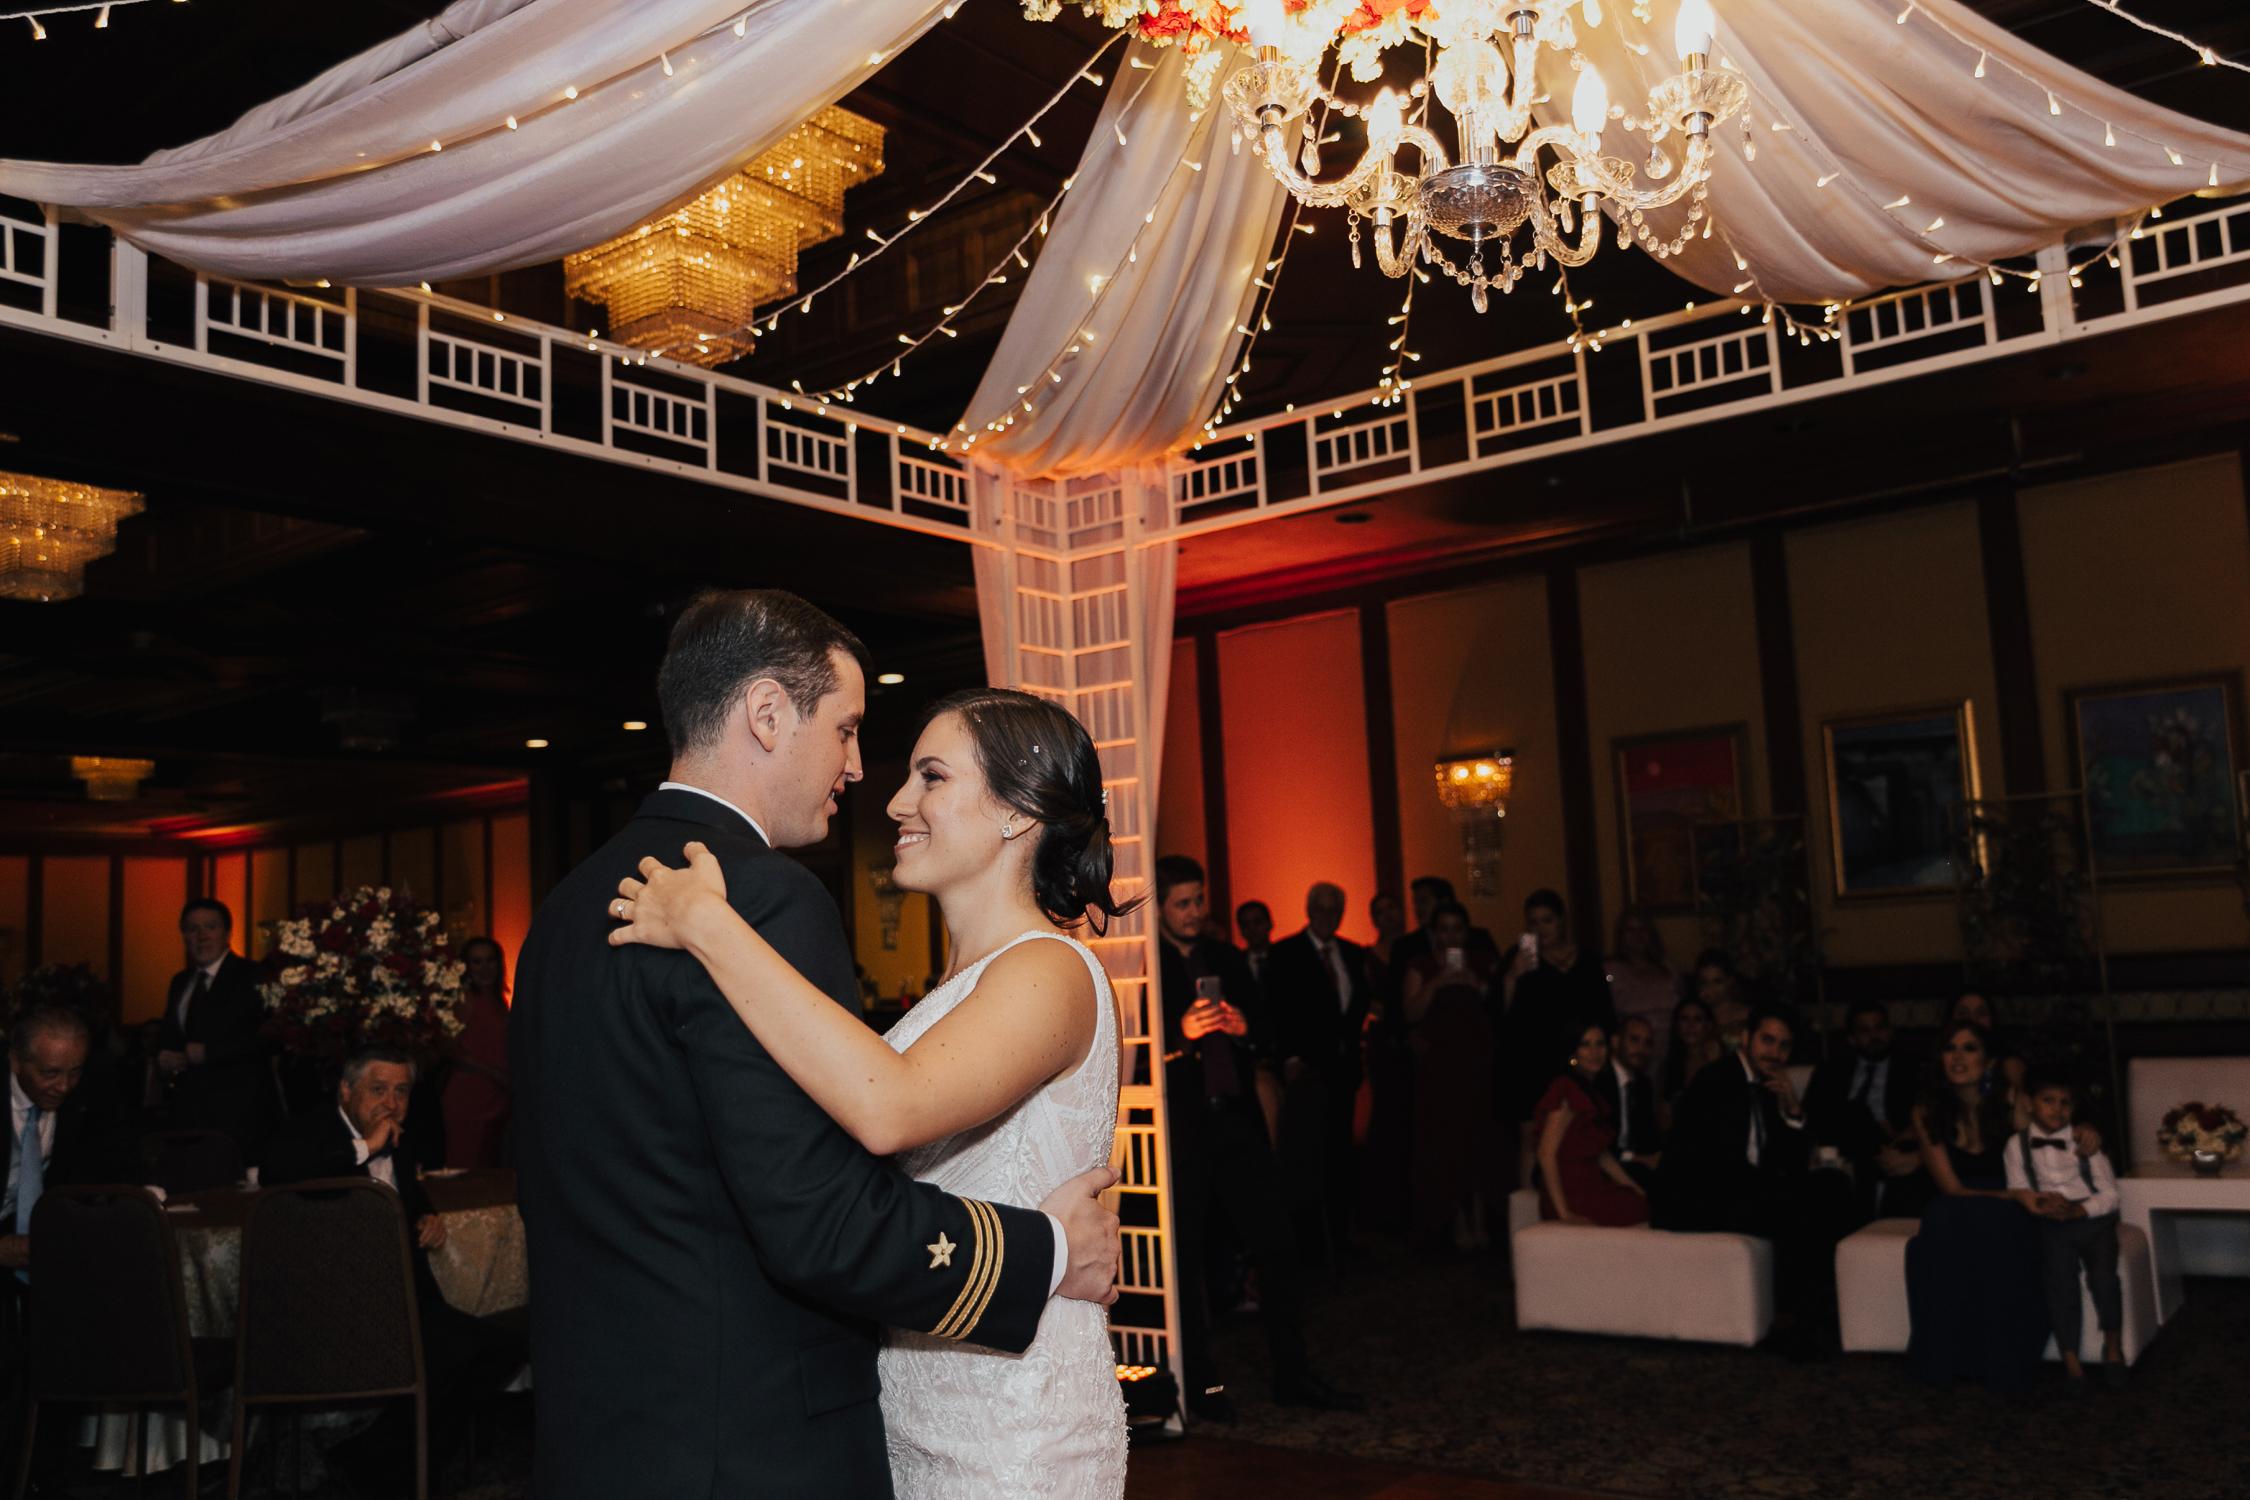 Michelle-Agurto-Fotografia-Bodas-Ecuador-Destination-Wedding-Photographer-Ecuador-Mercedes-Alvaro-171.JPG